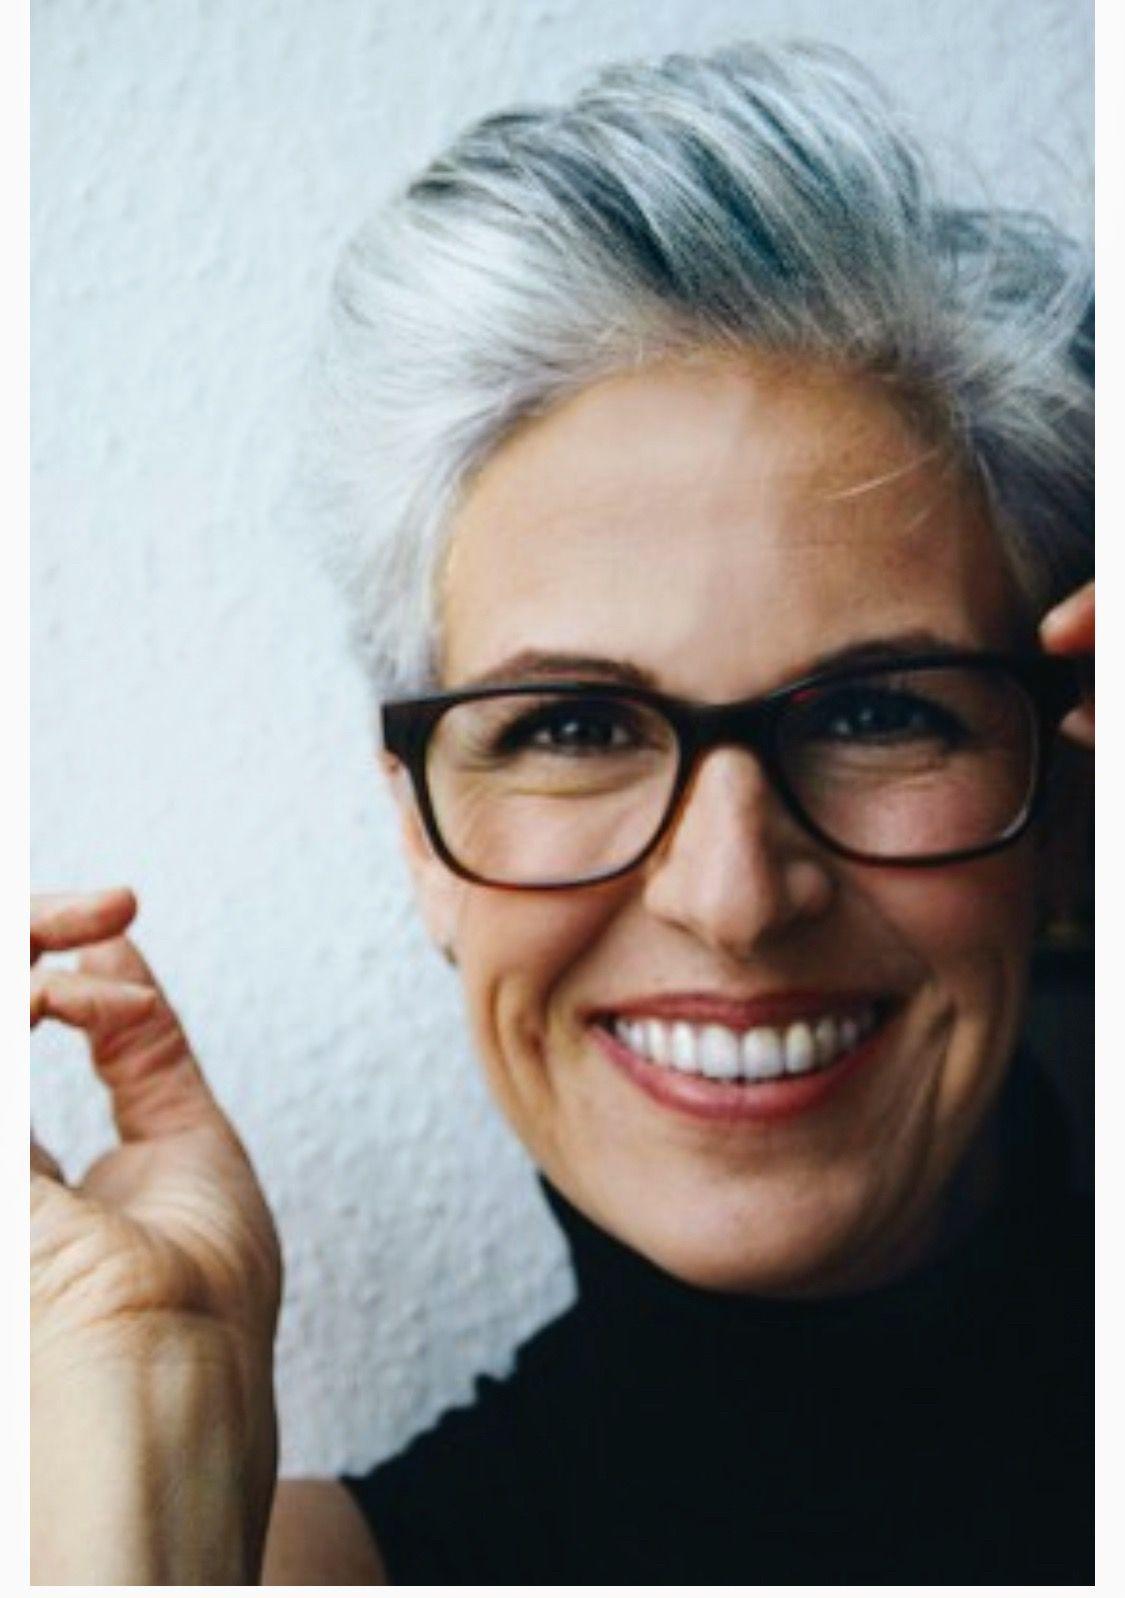 Pin Van Lisette Van Op Gray Hair Tips In 2020 Kapsel Grijs Haar Vrouw Kort Kapsel Grijs Haar Kort Kapsel Dames Met Bril